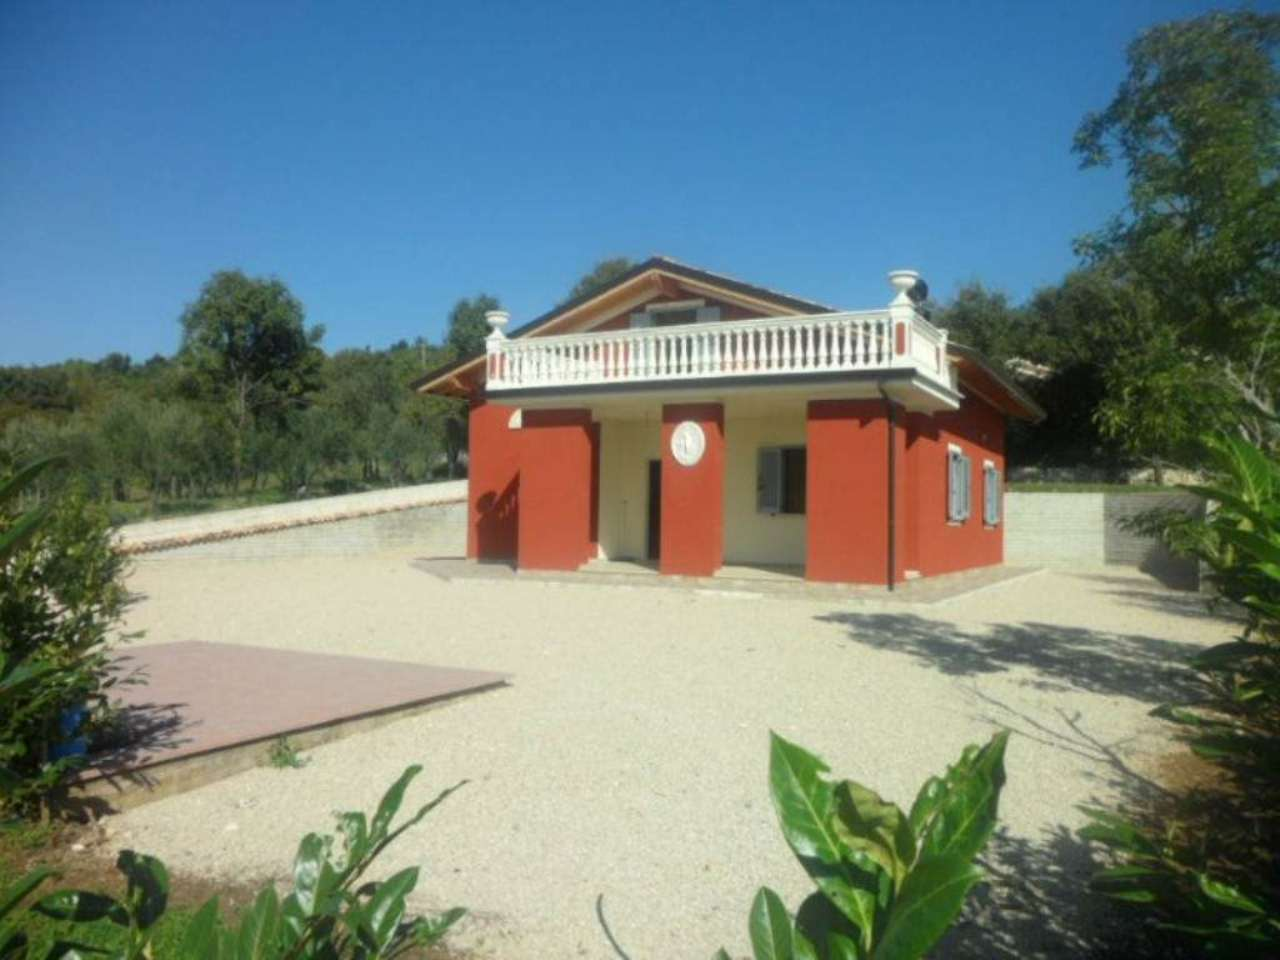 Villa in vendita a Fiuggi, 6 locali, prezzo € 218.000 | Cambio Casa.it